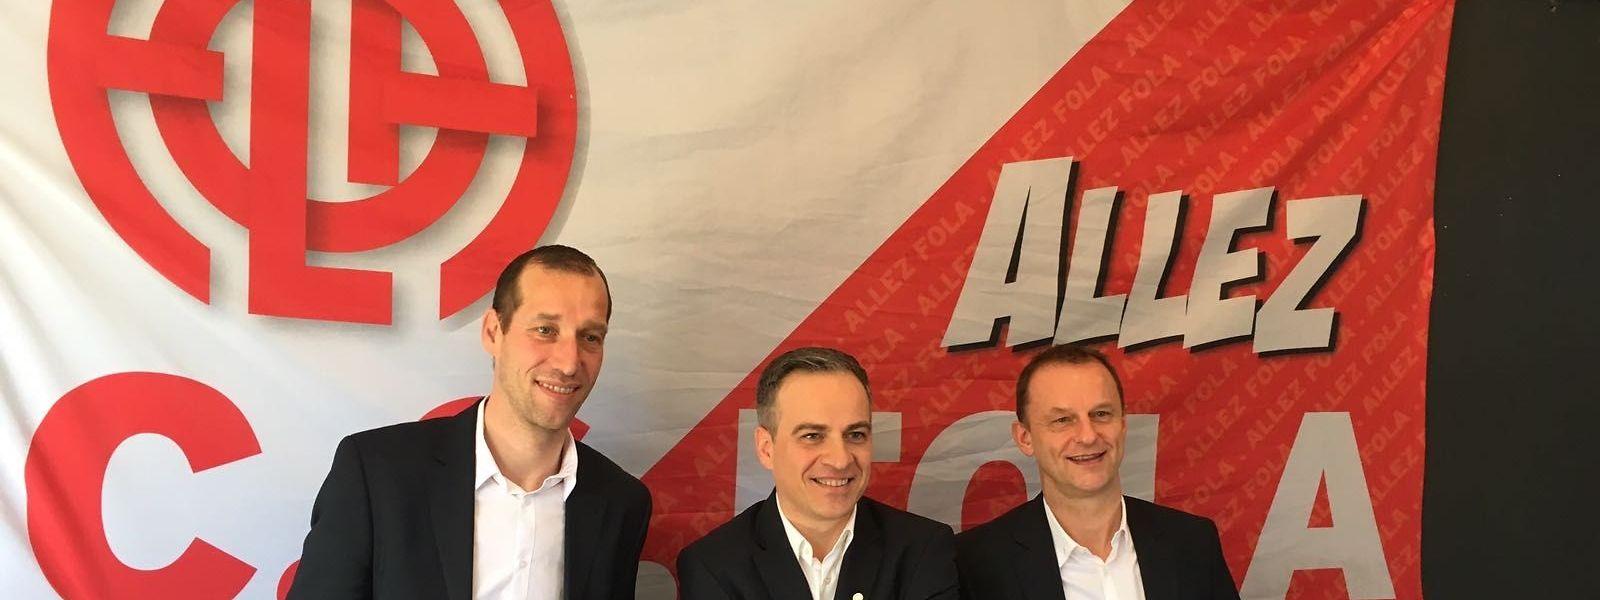 Jeff Strasser, l'entraîneur, Mauro Mariani, le futur président, et Cyril Serredszum, l'entraîneur adjoint du CS Fola.